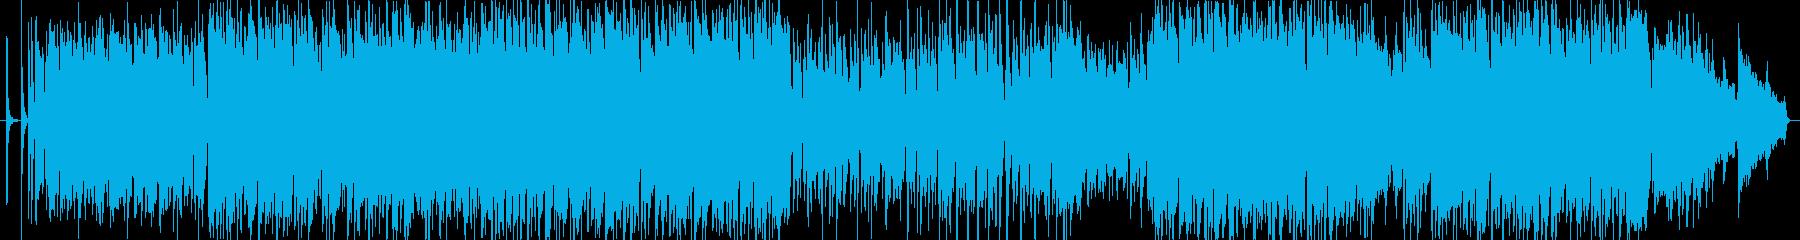 爽快なイメージのアコギ曲(ドラムレス)の再生済みの波形